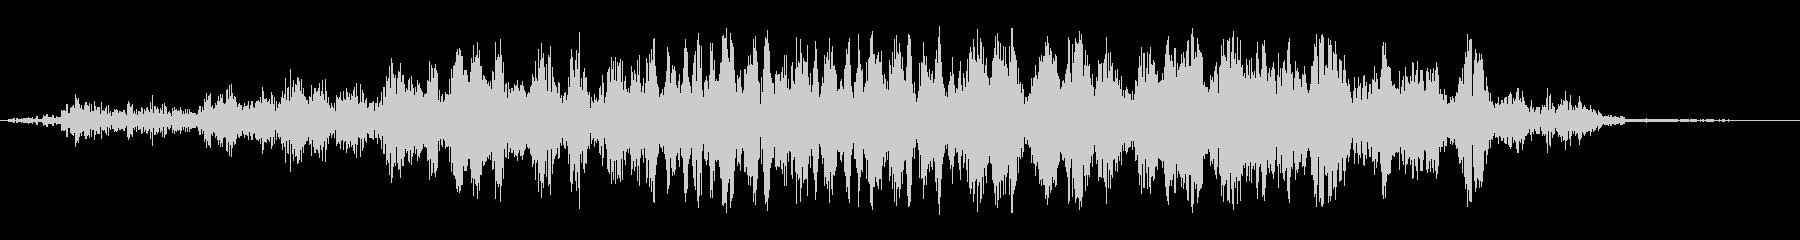 ウォーン(機械の音のような効果音)の未再生の波形